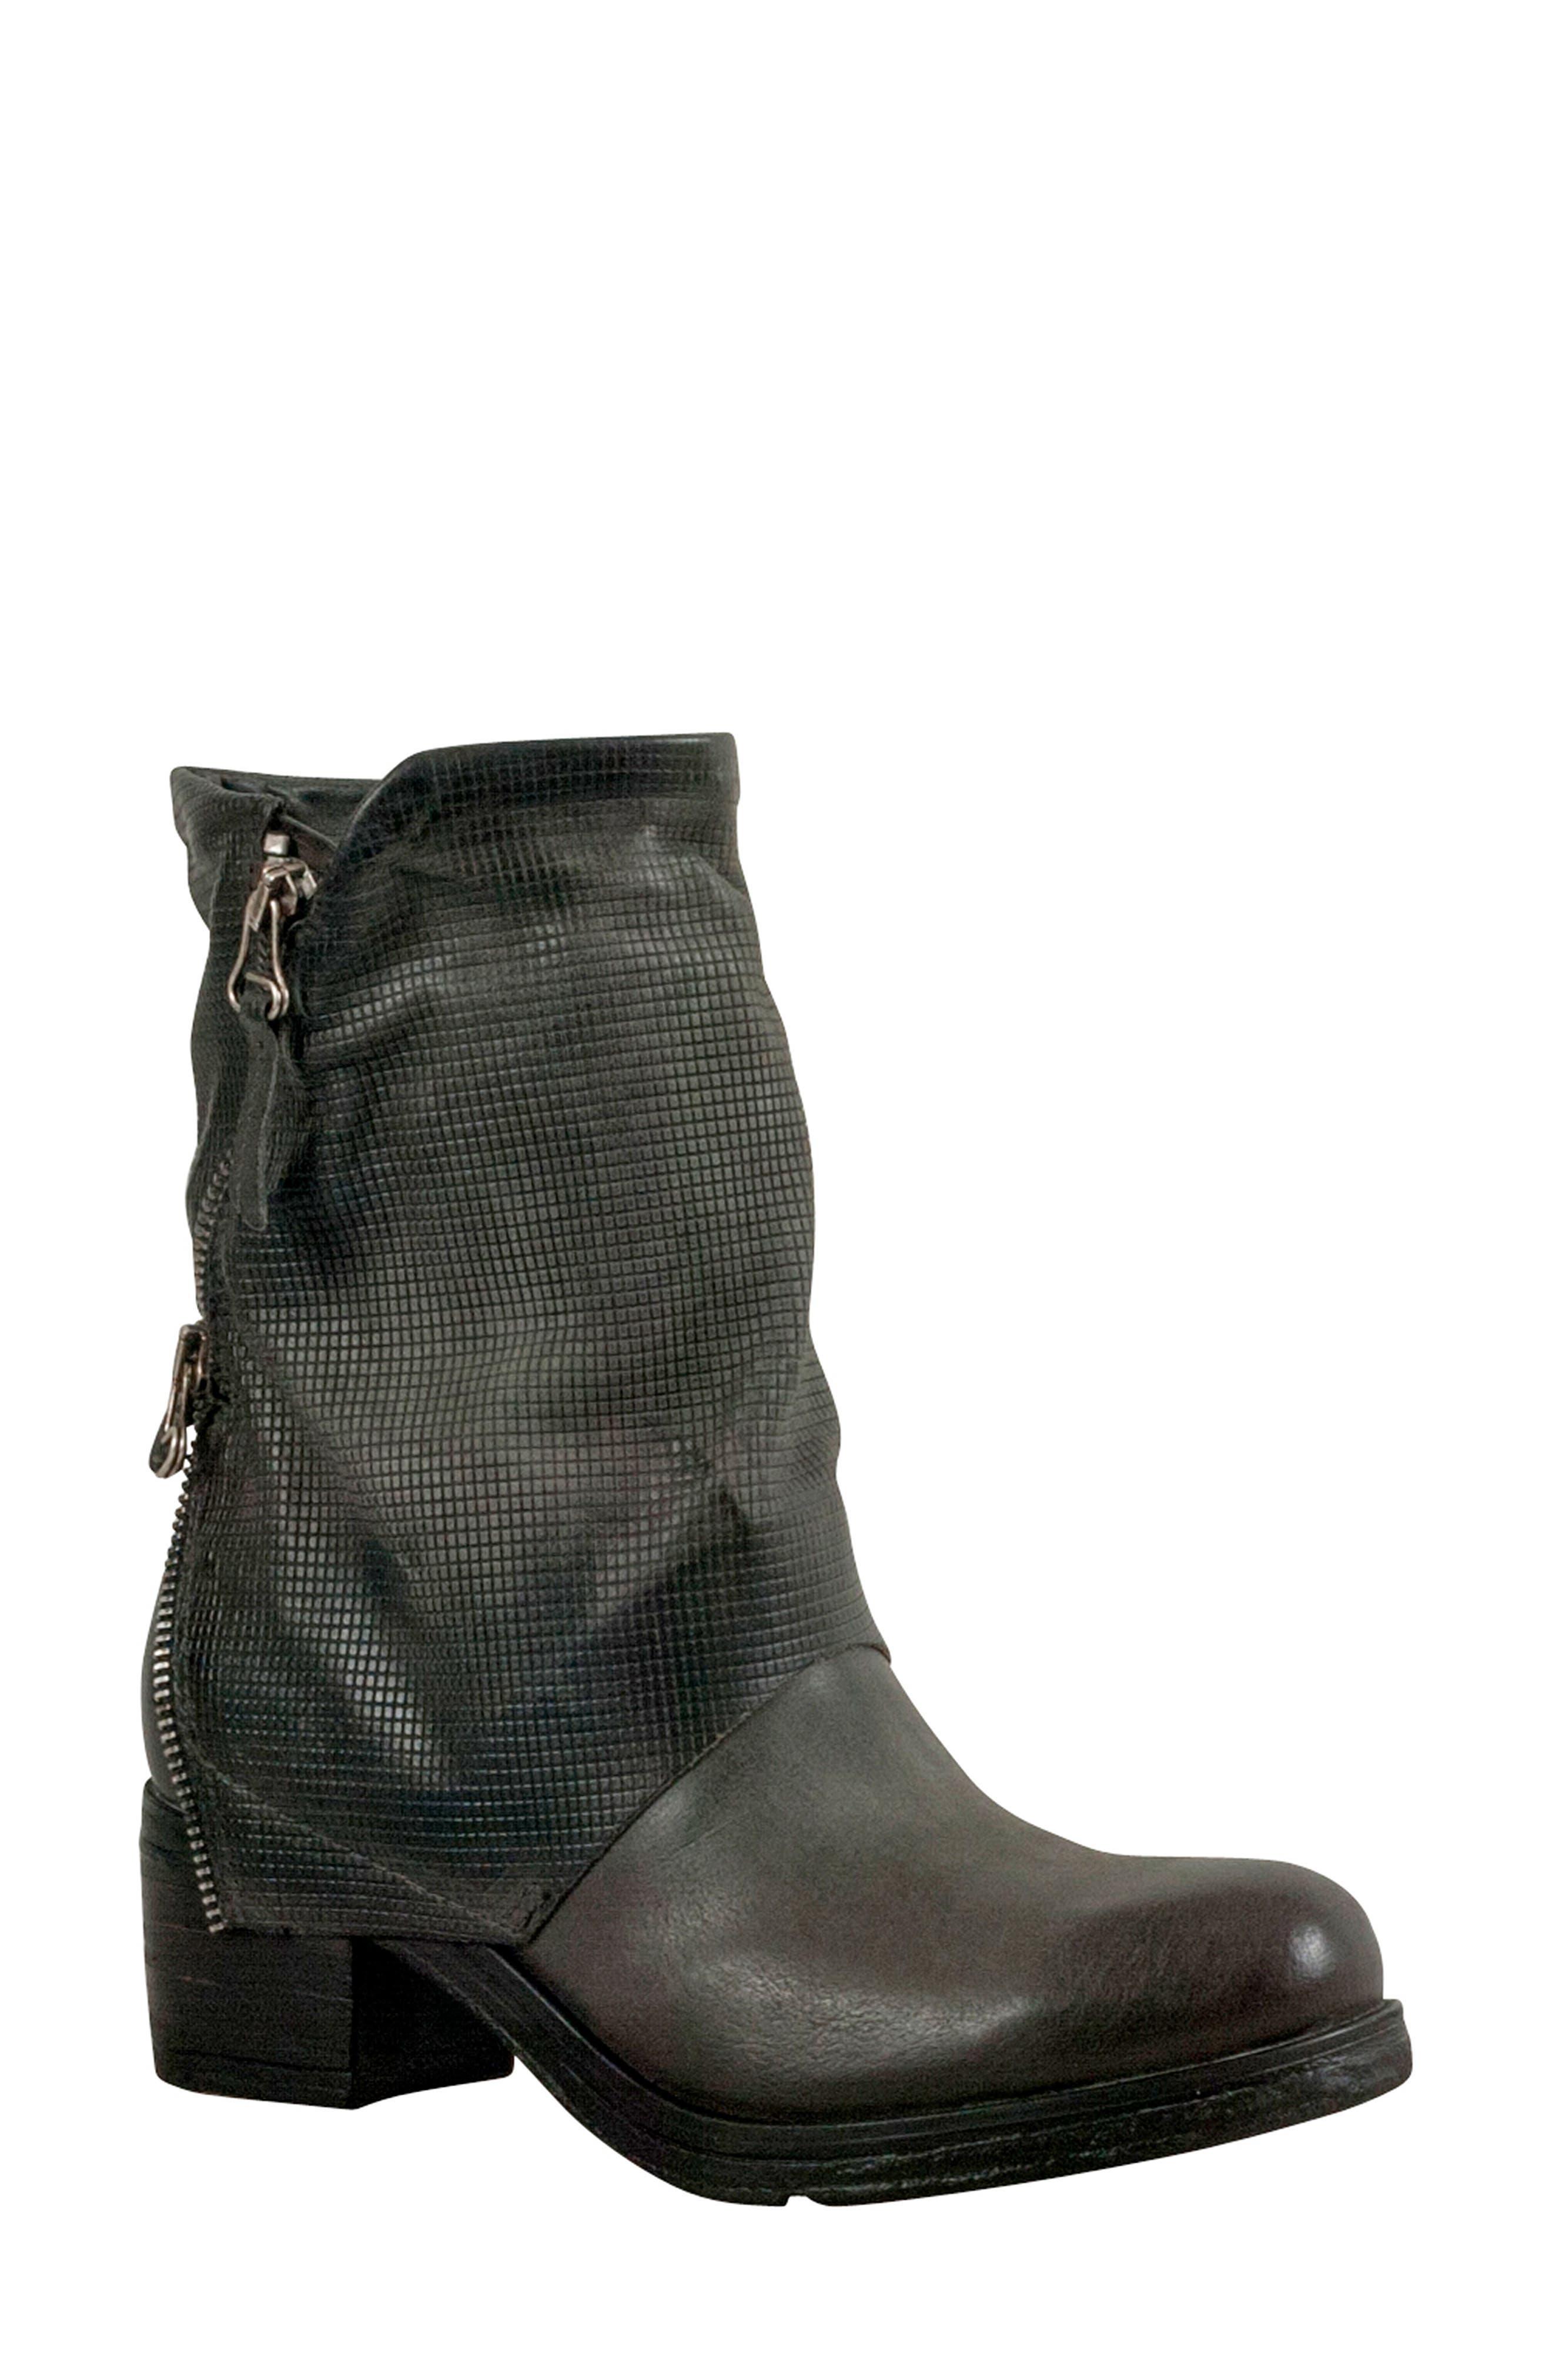 Miz Mooz Skylar Boot Grey